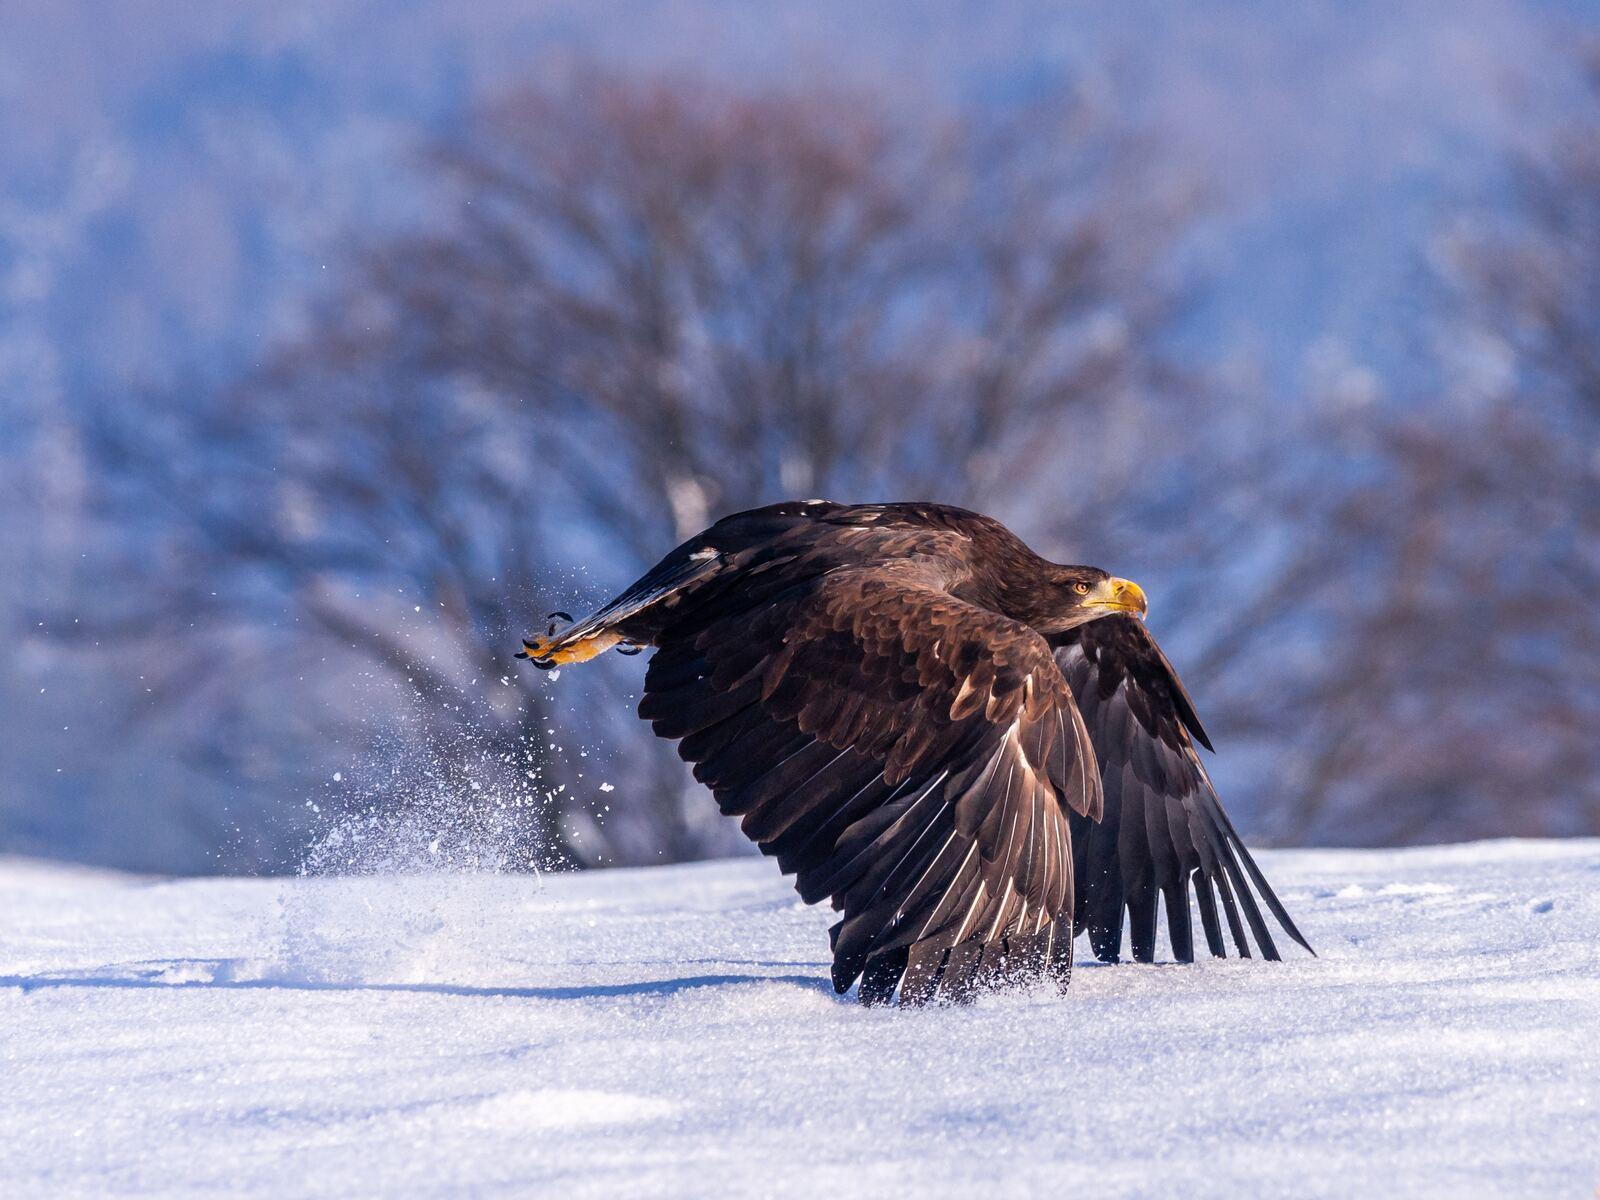 eagle-in-snow-4k-6u.jpg